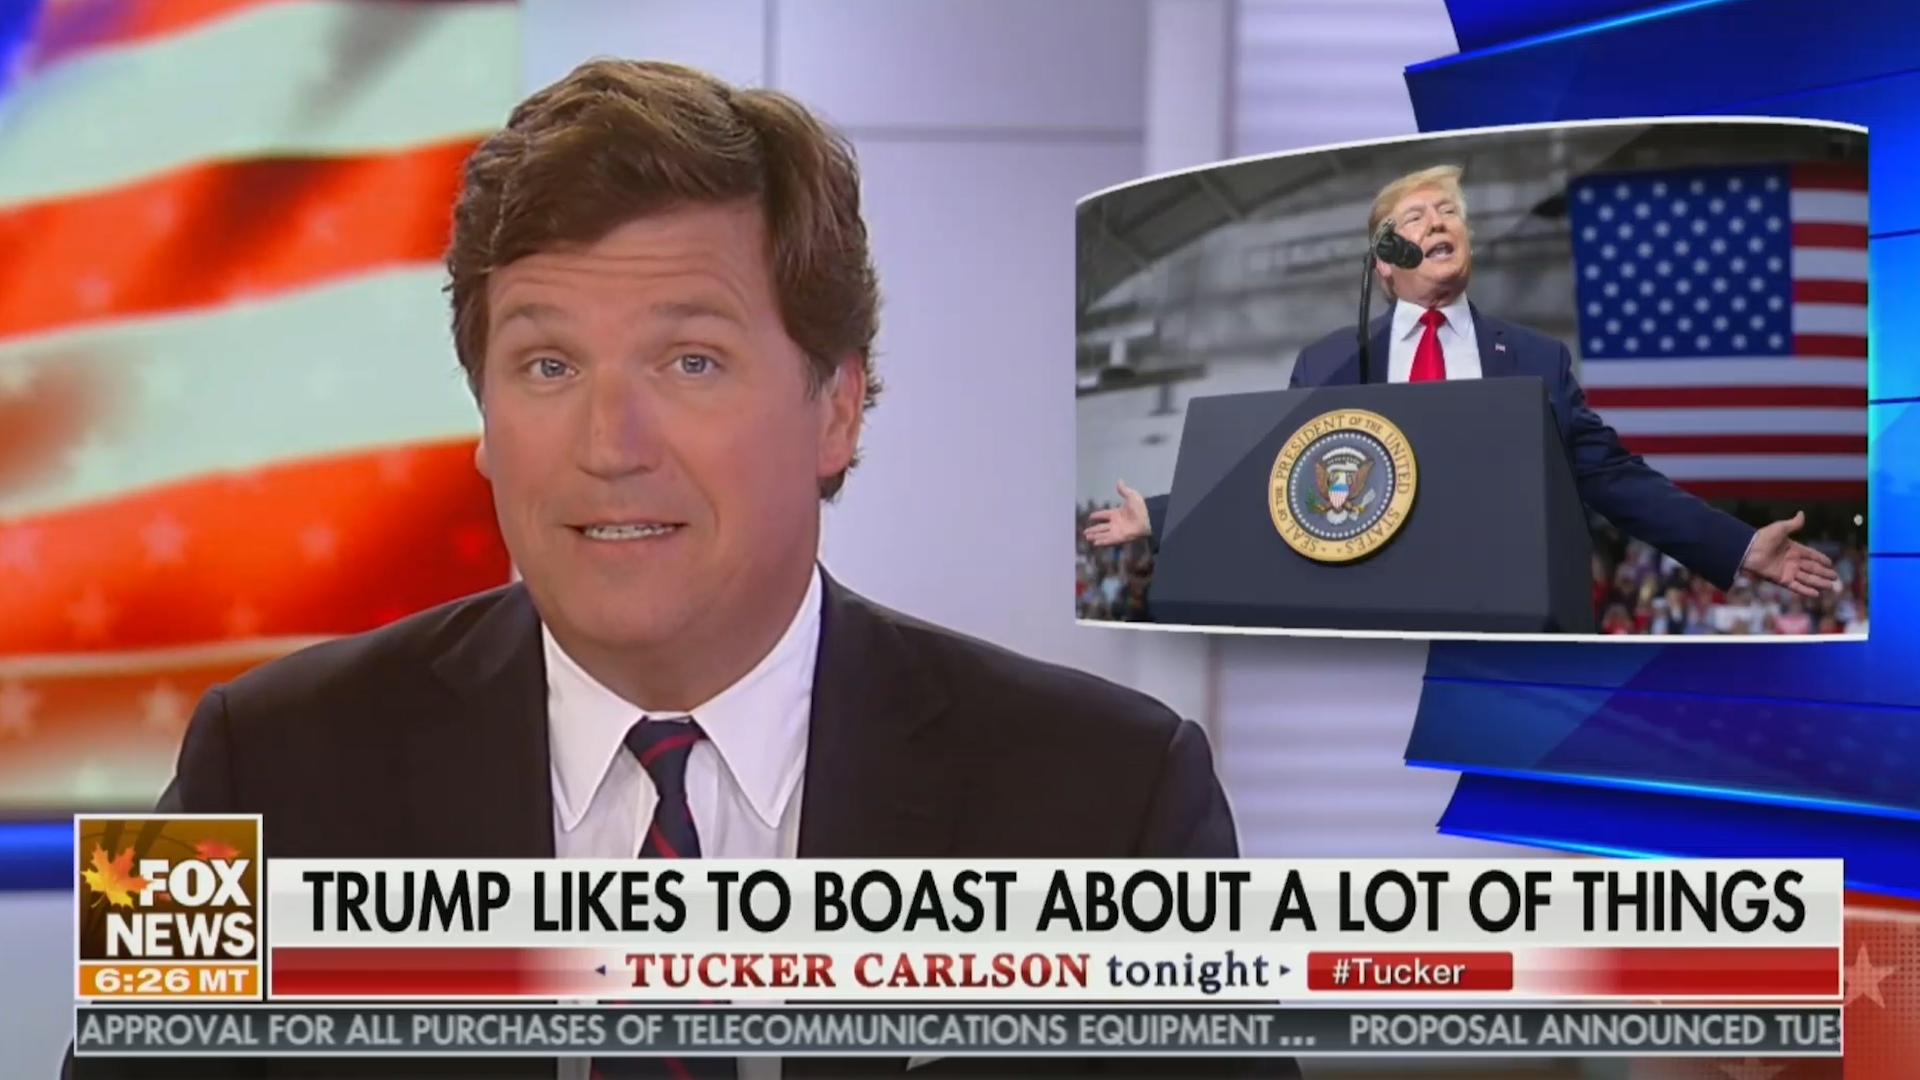 Tucker Carlson Calls Trump A 'Full-Blown BS Artist' And Admits He's A Liar